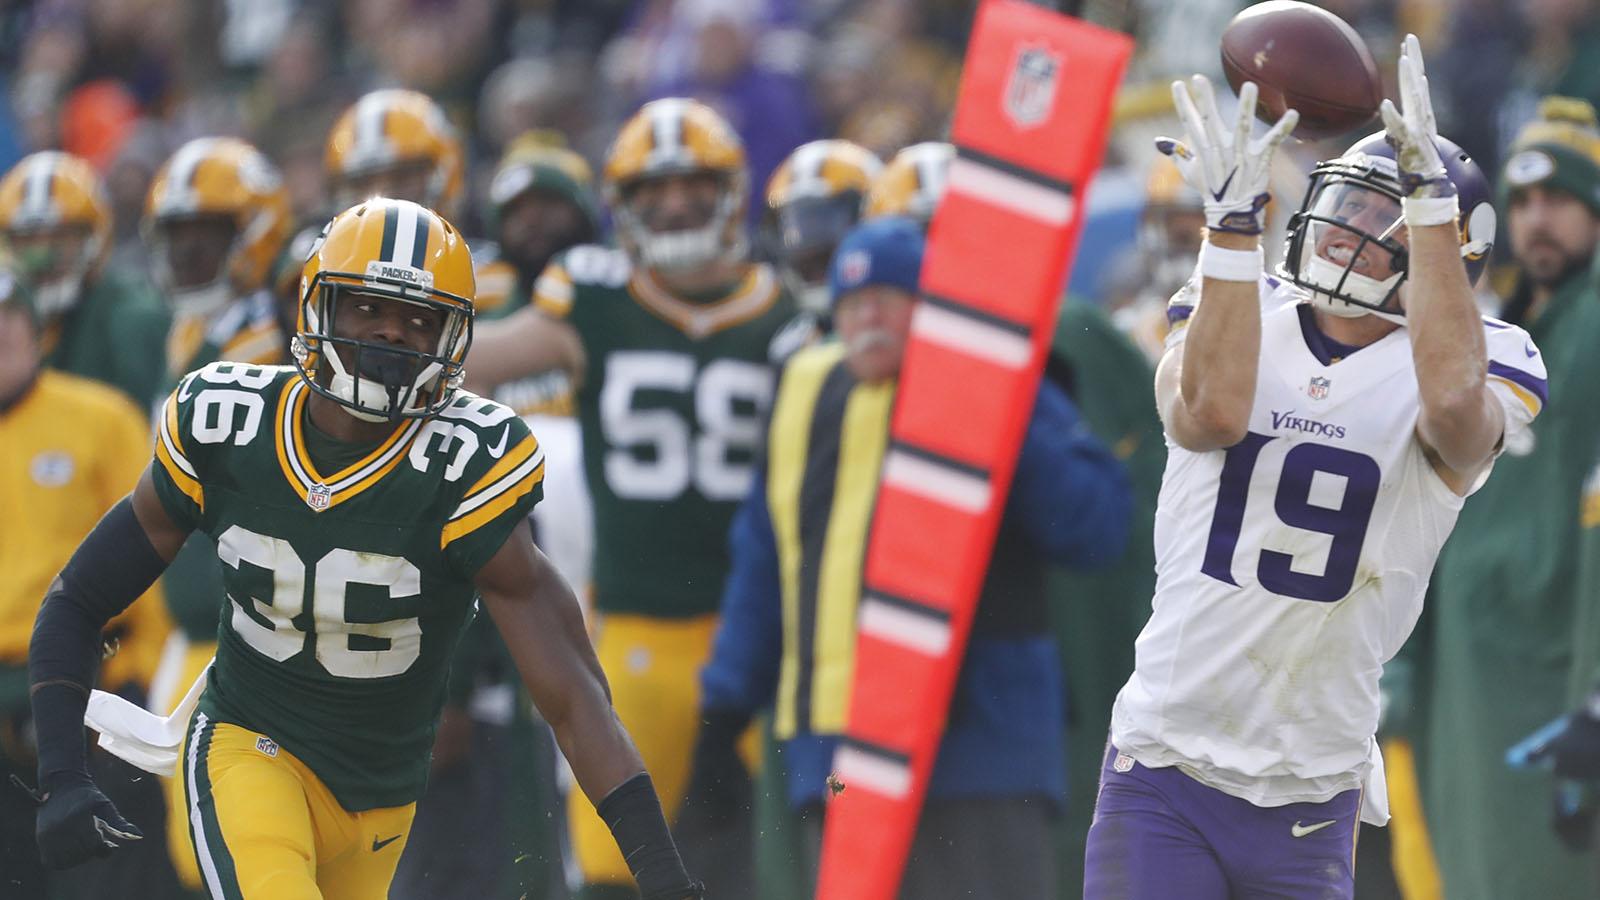 Photos: Minnesota Vikings at Green Bay Packers